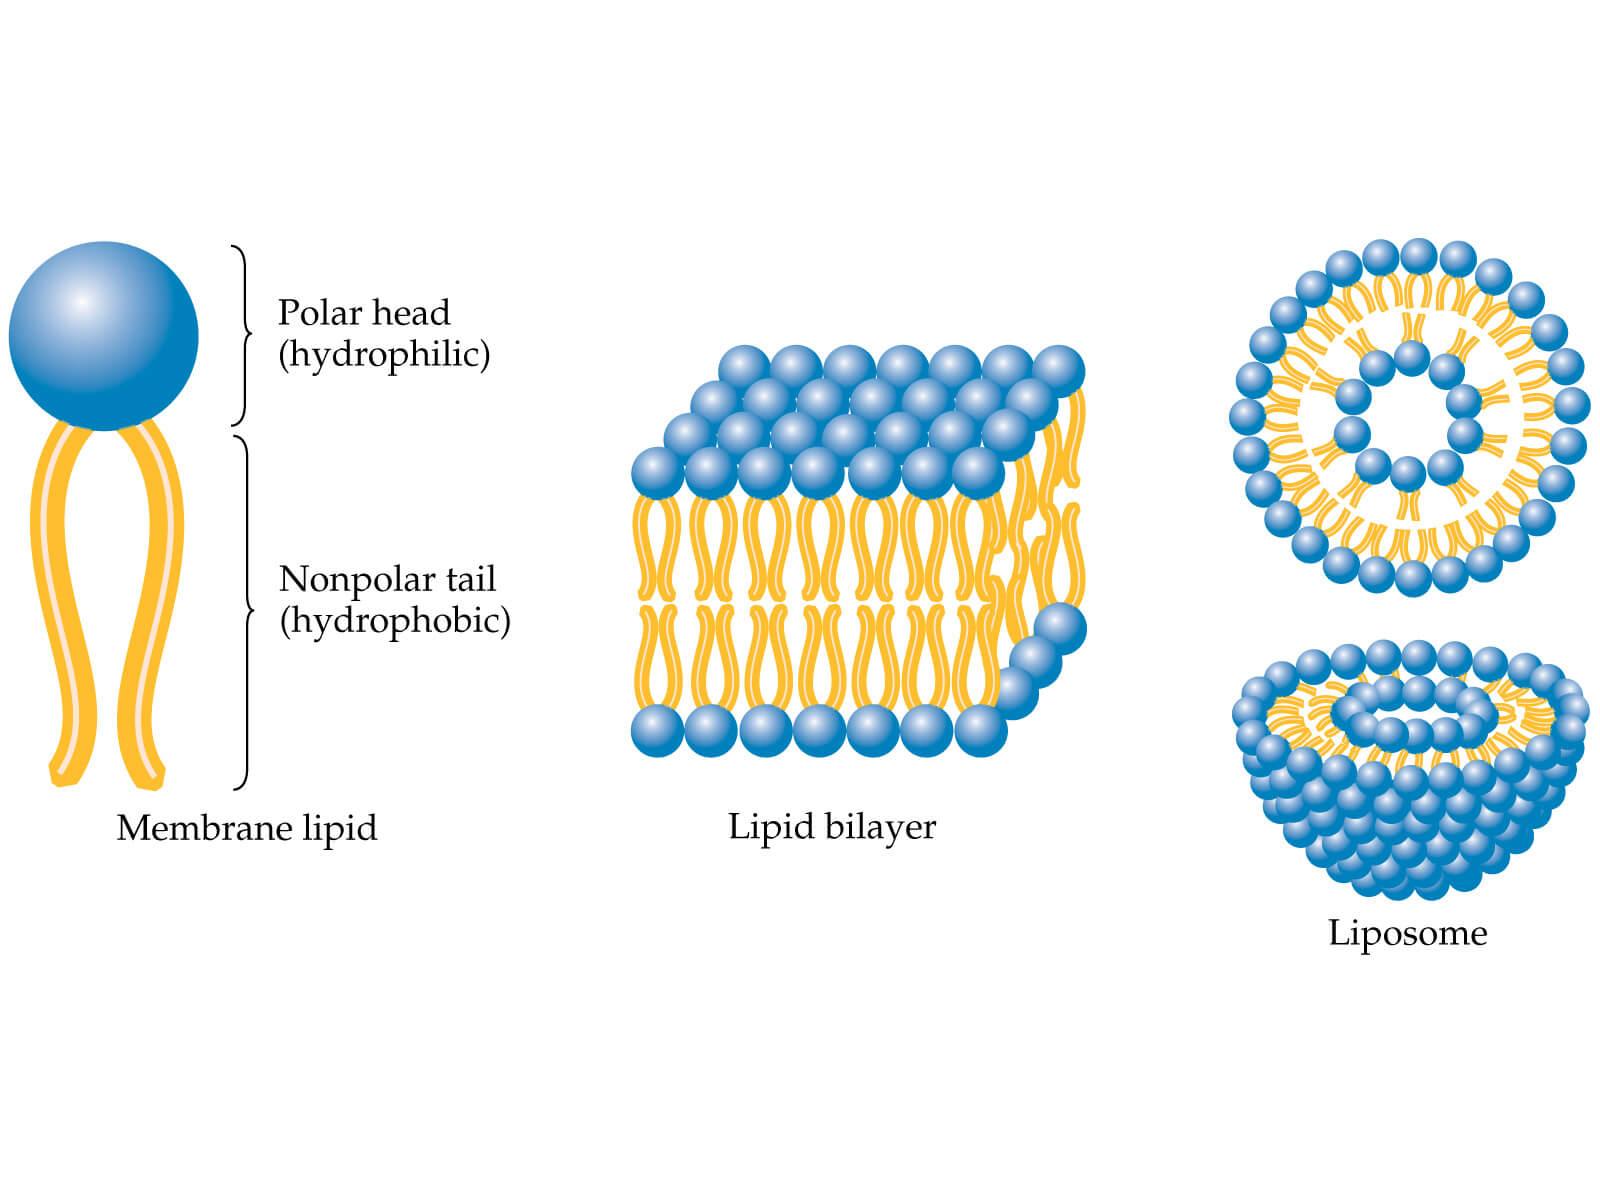 phospholipids for drug delivery